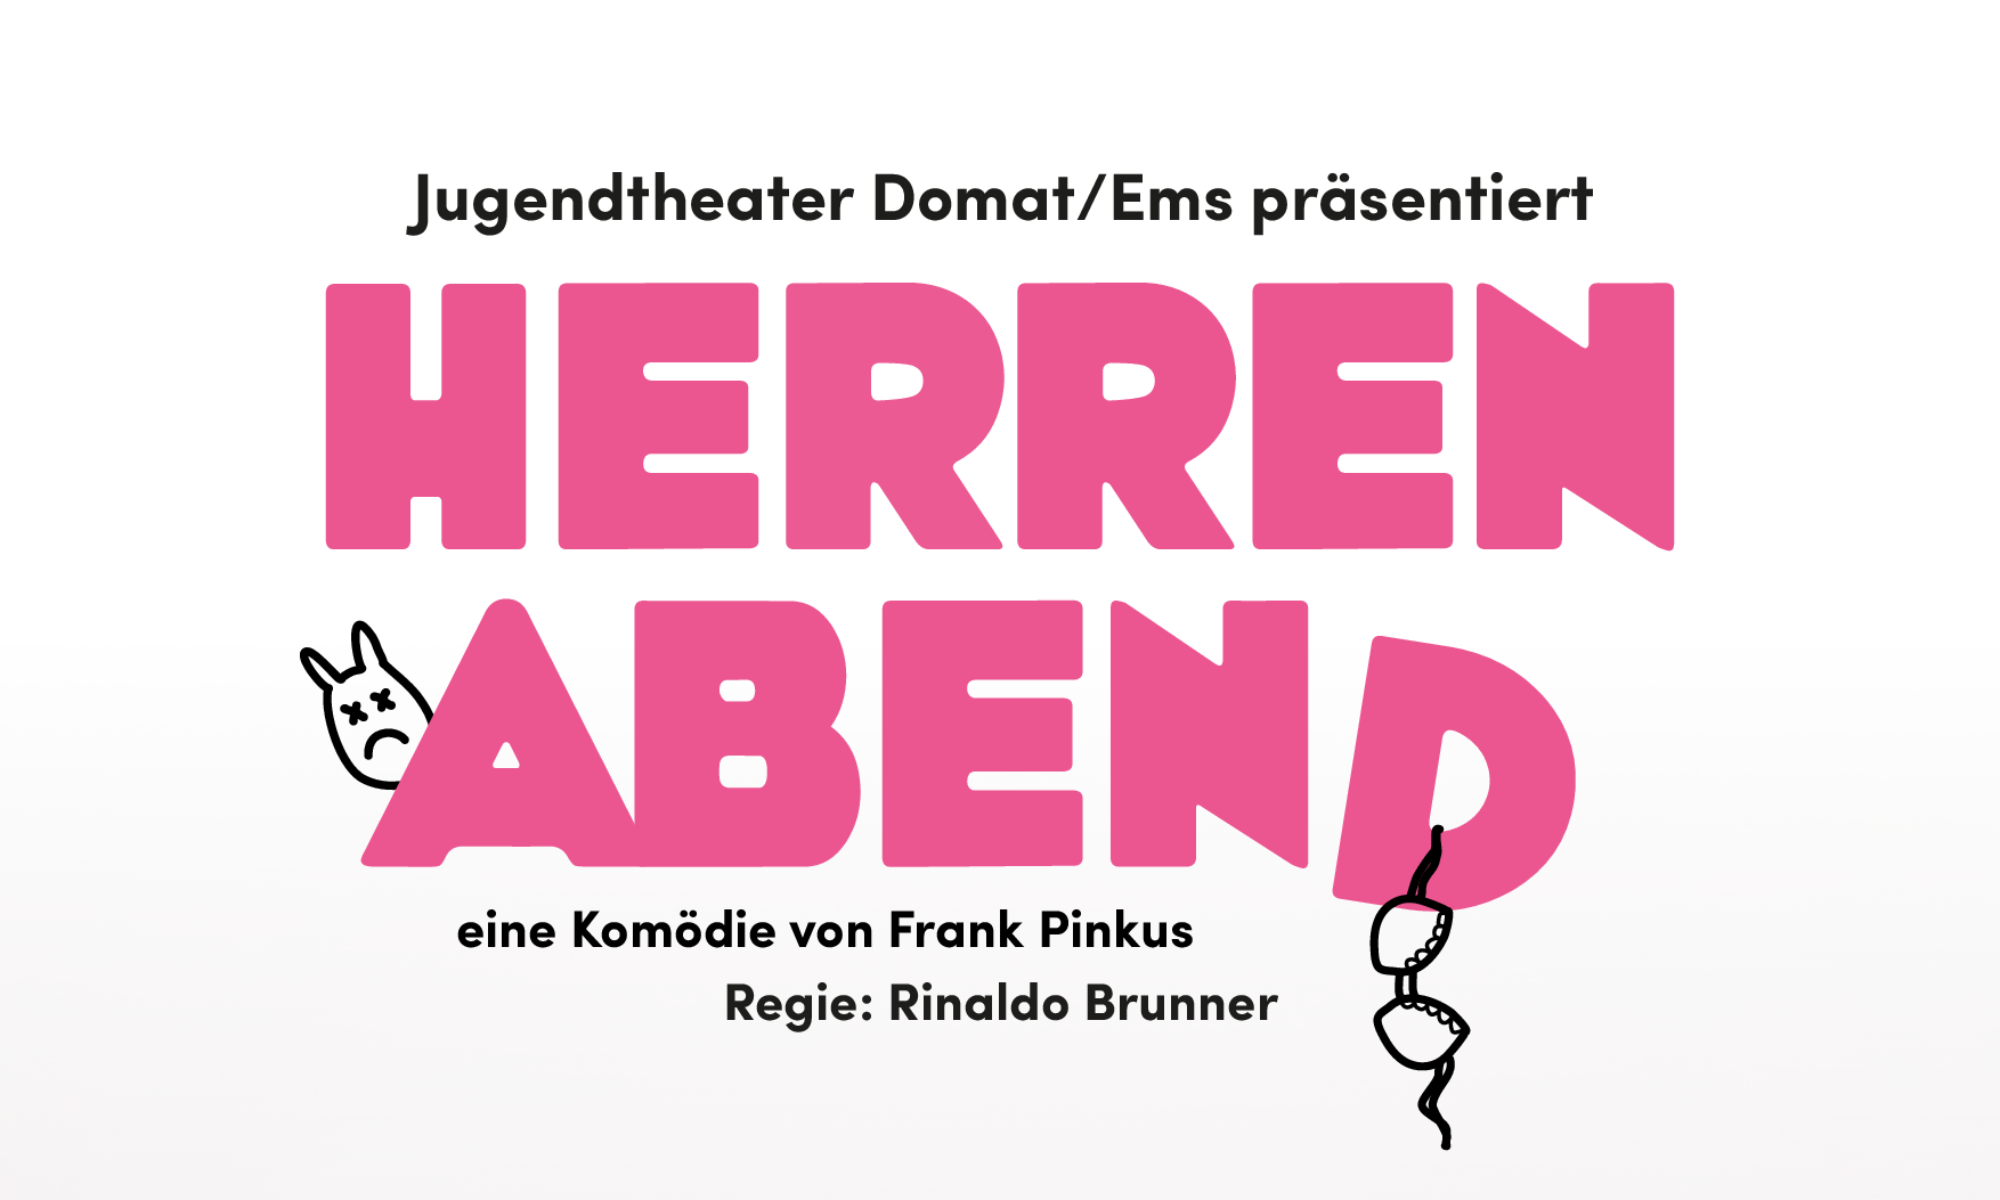 Jugendtheater Domat/Ems